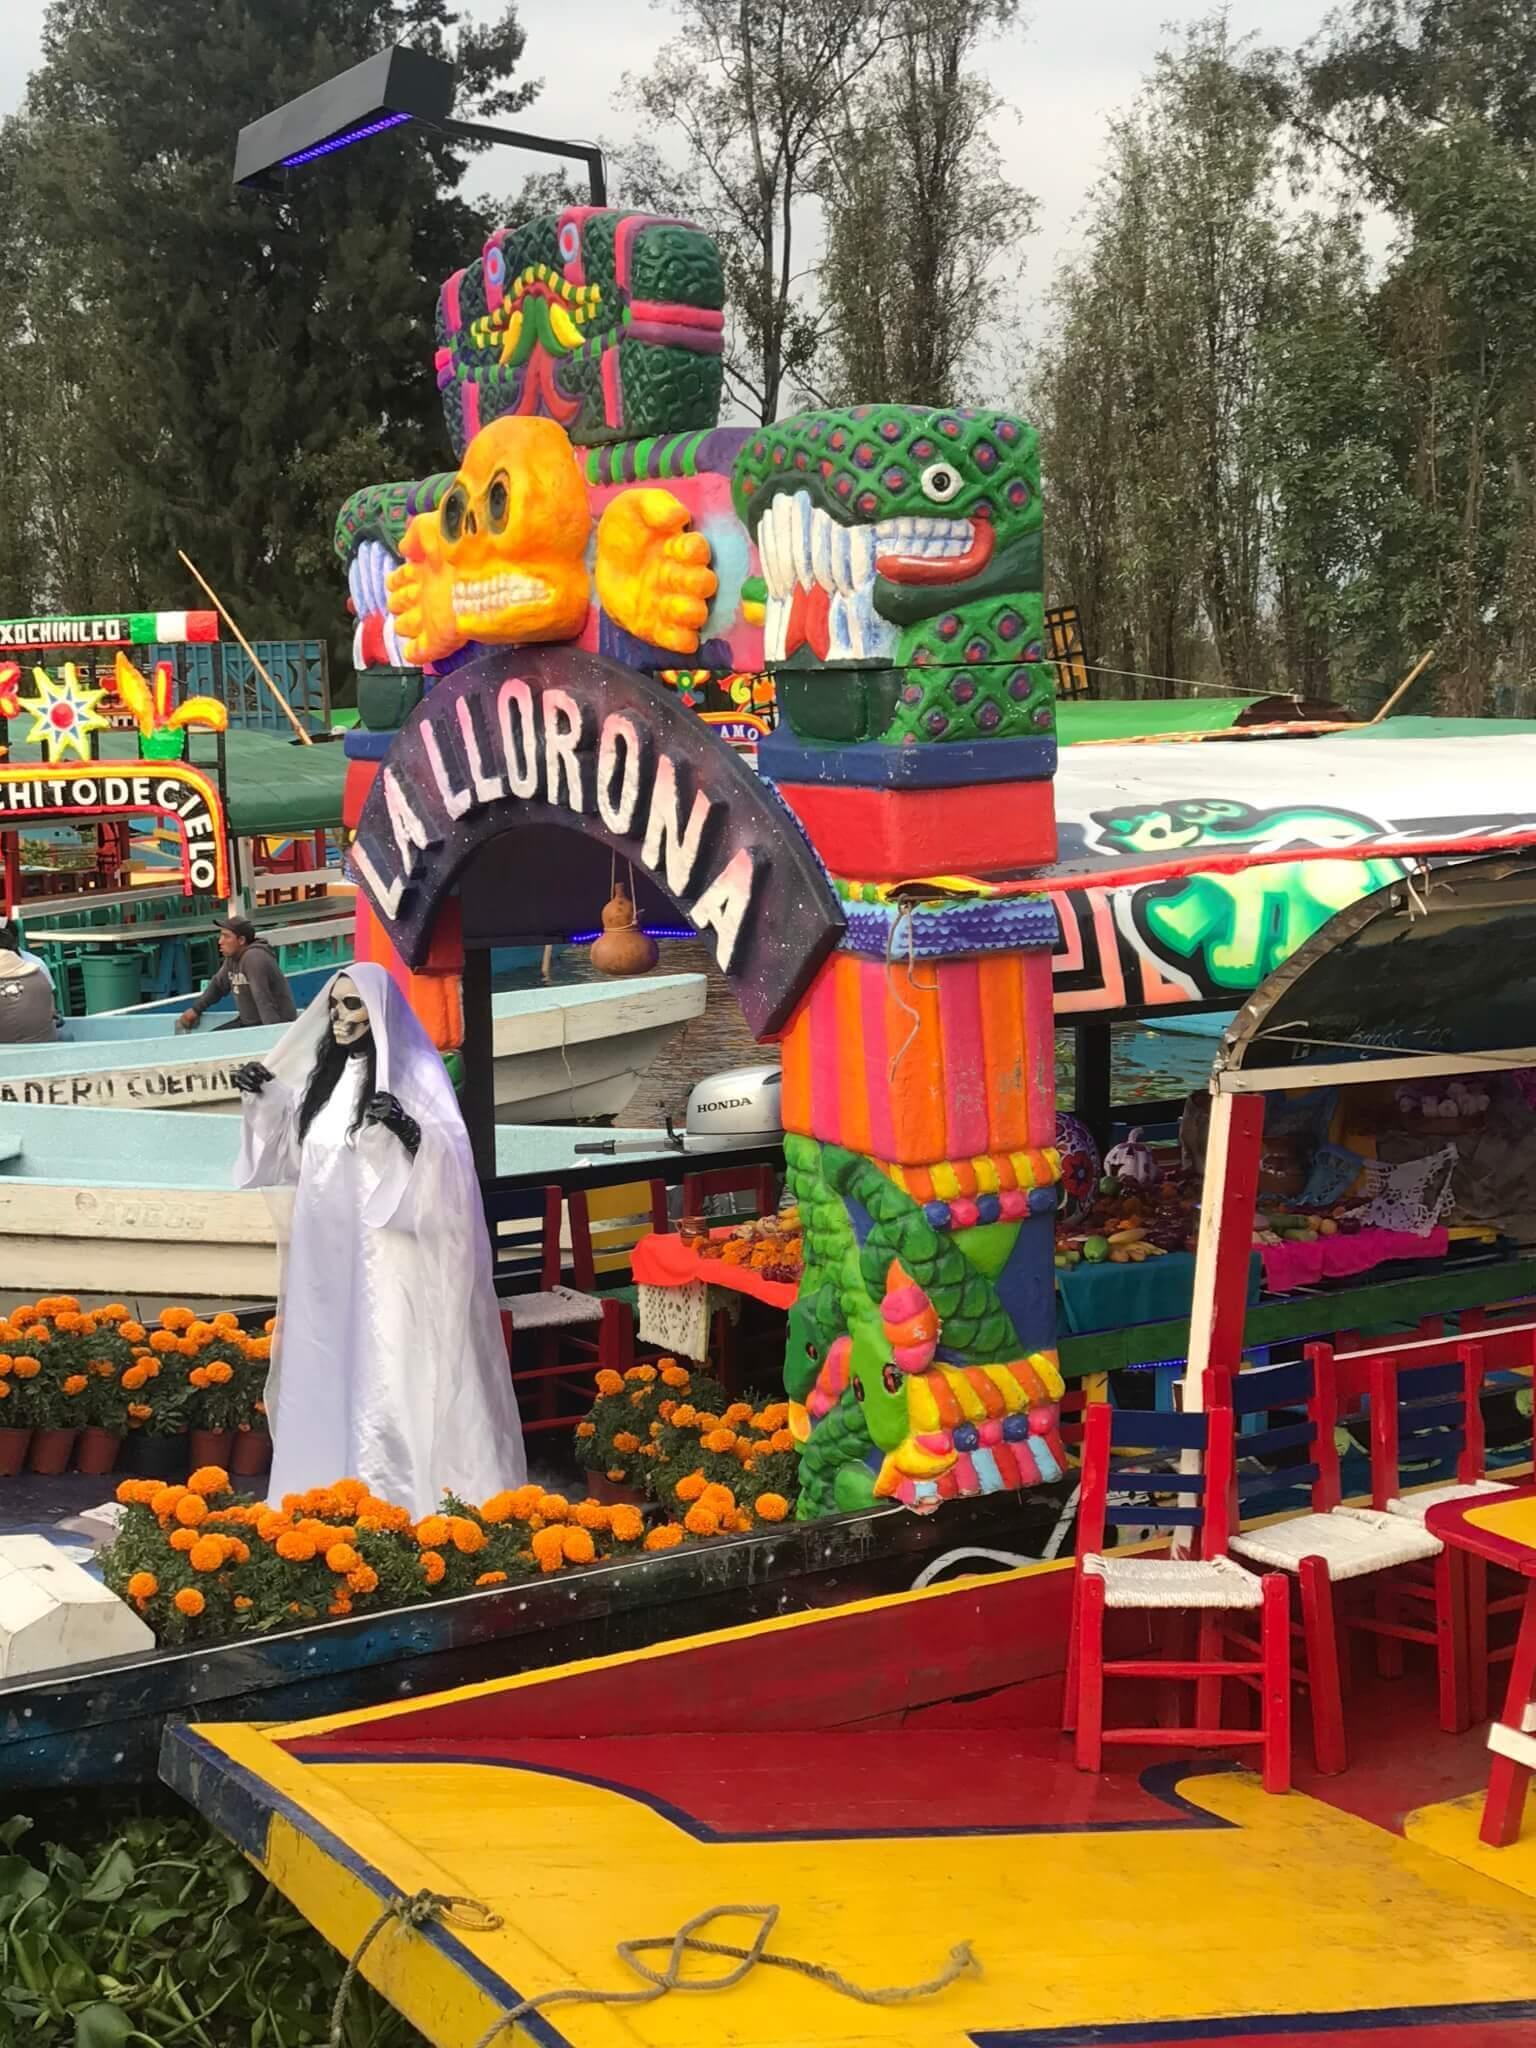 La Llorona Xochimilco, Day of the Dead